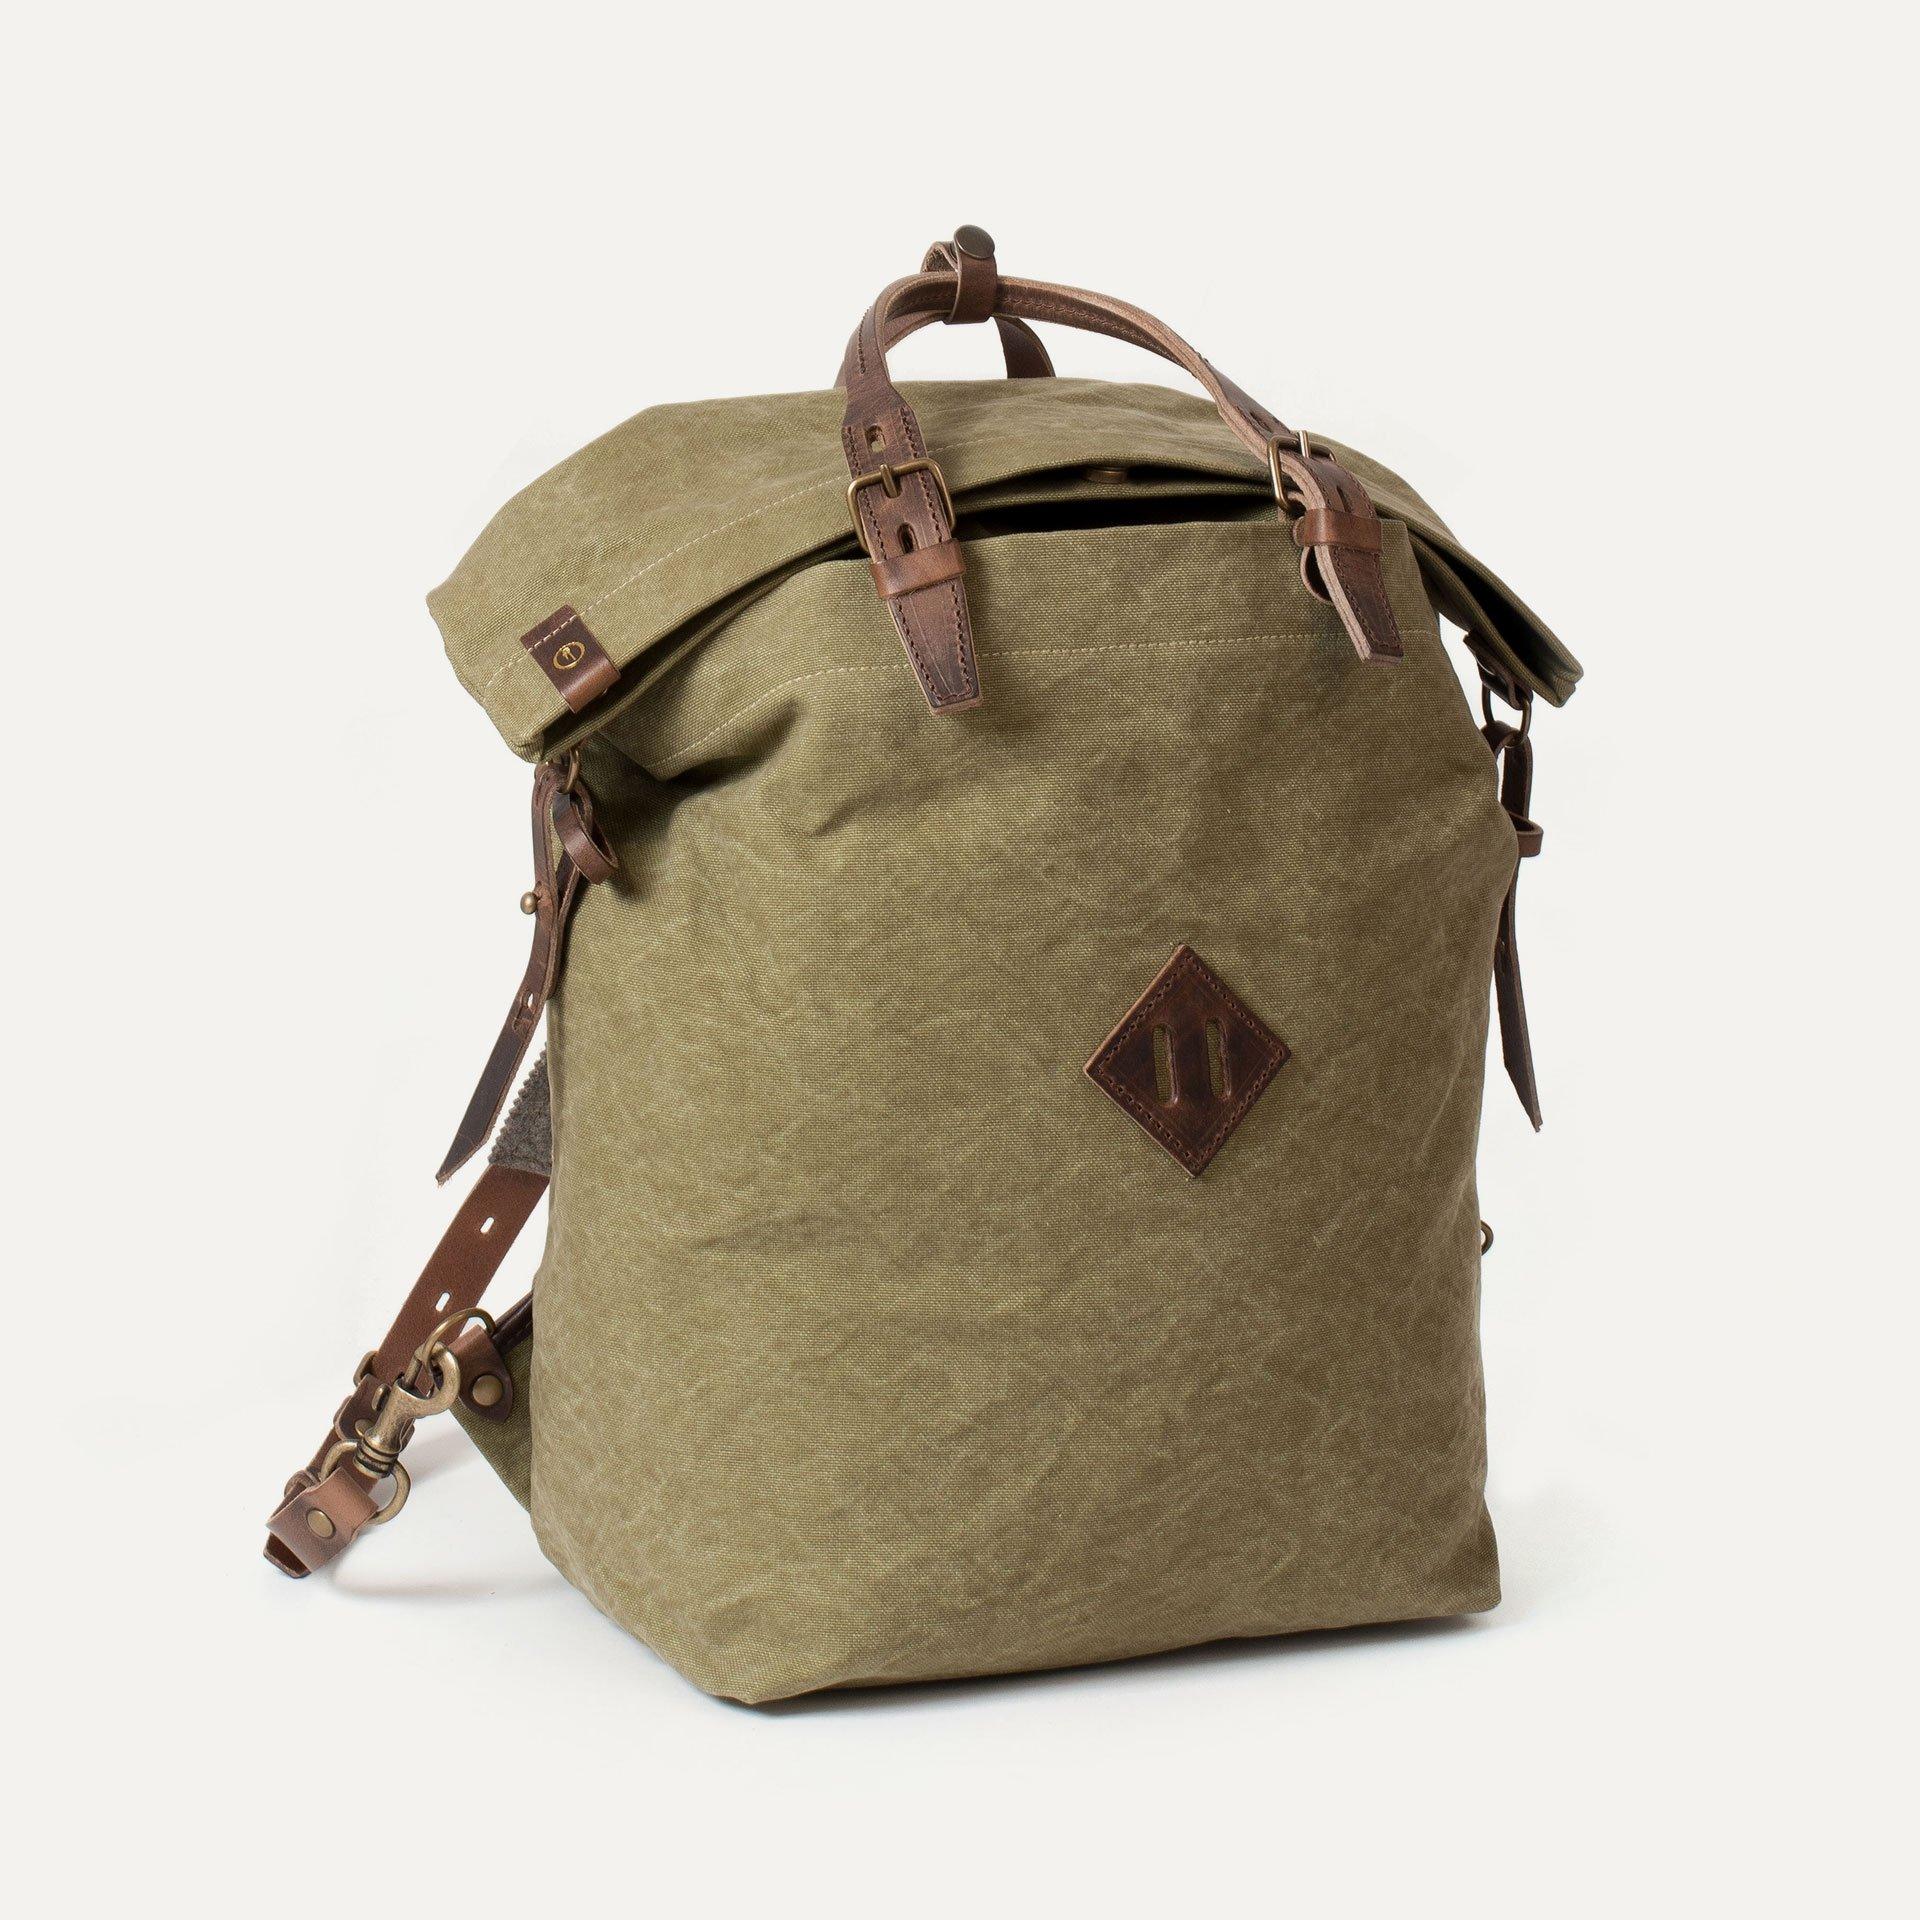 Woody M Backpack - Khaki stonewashed (image n°2)